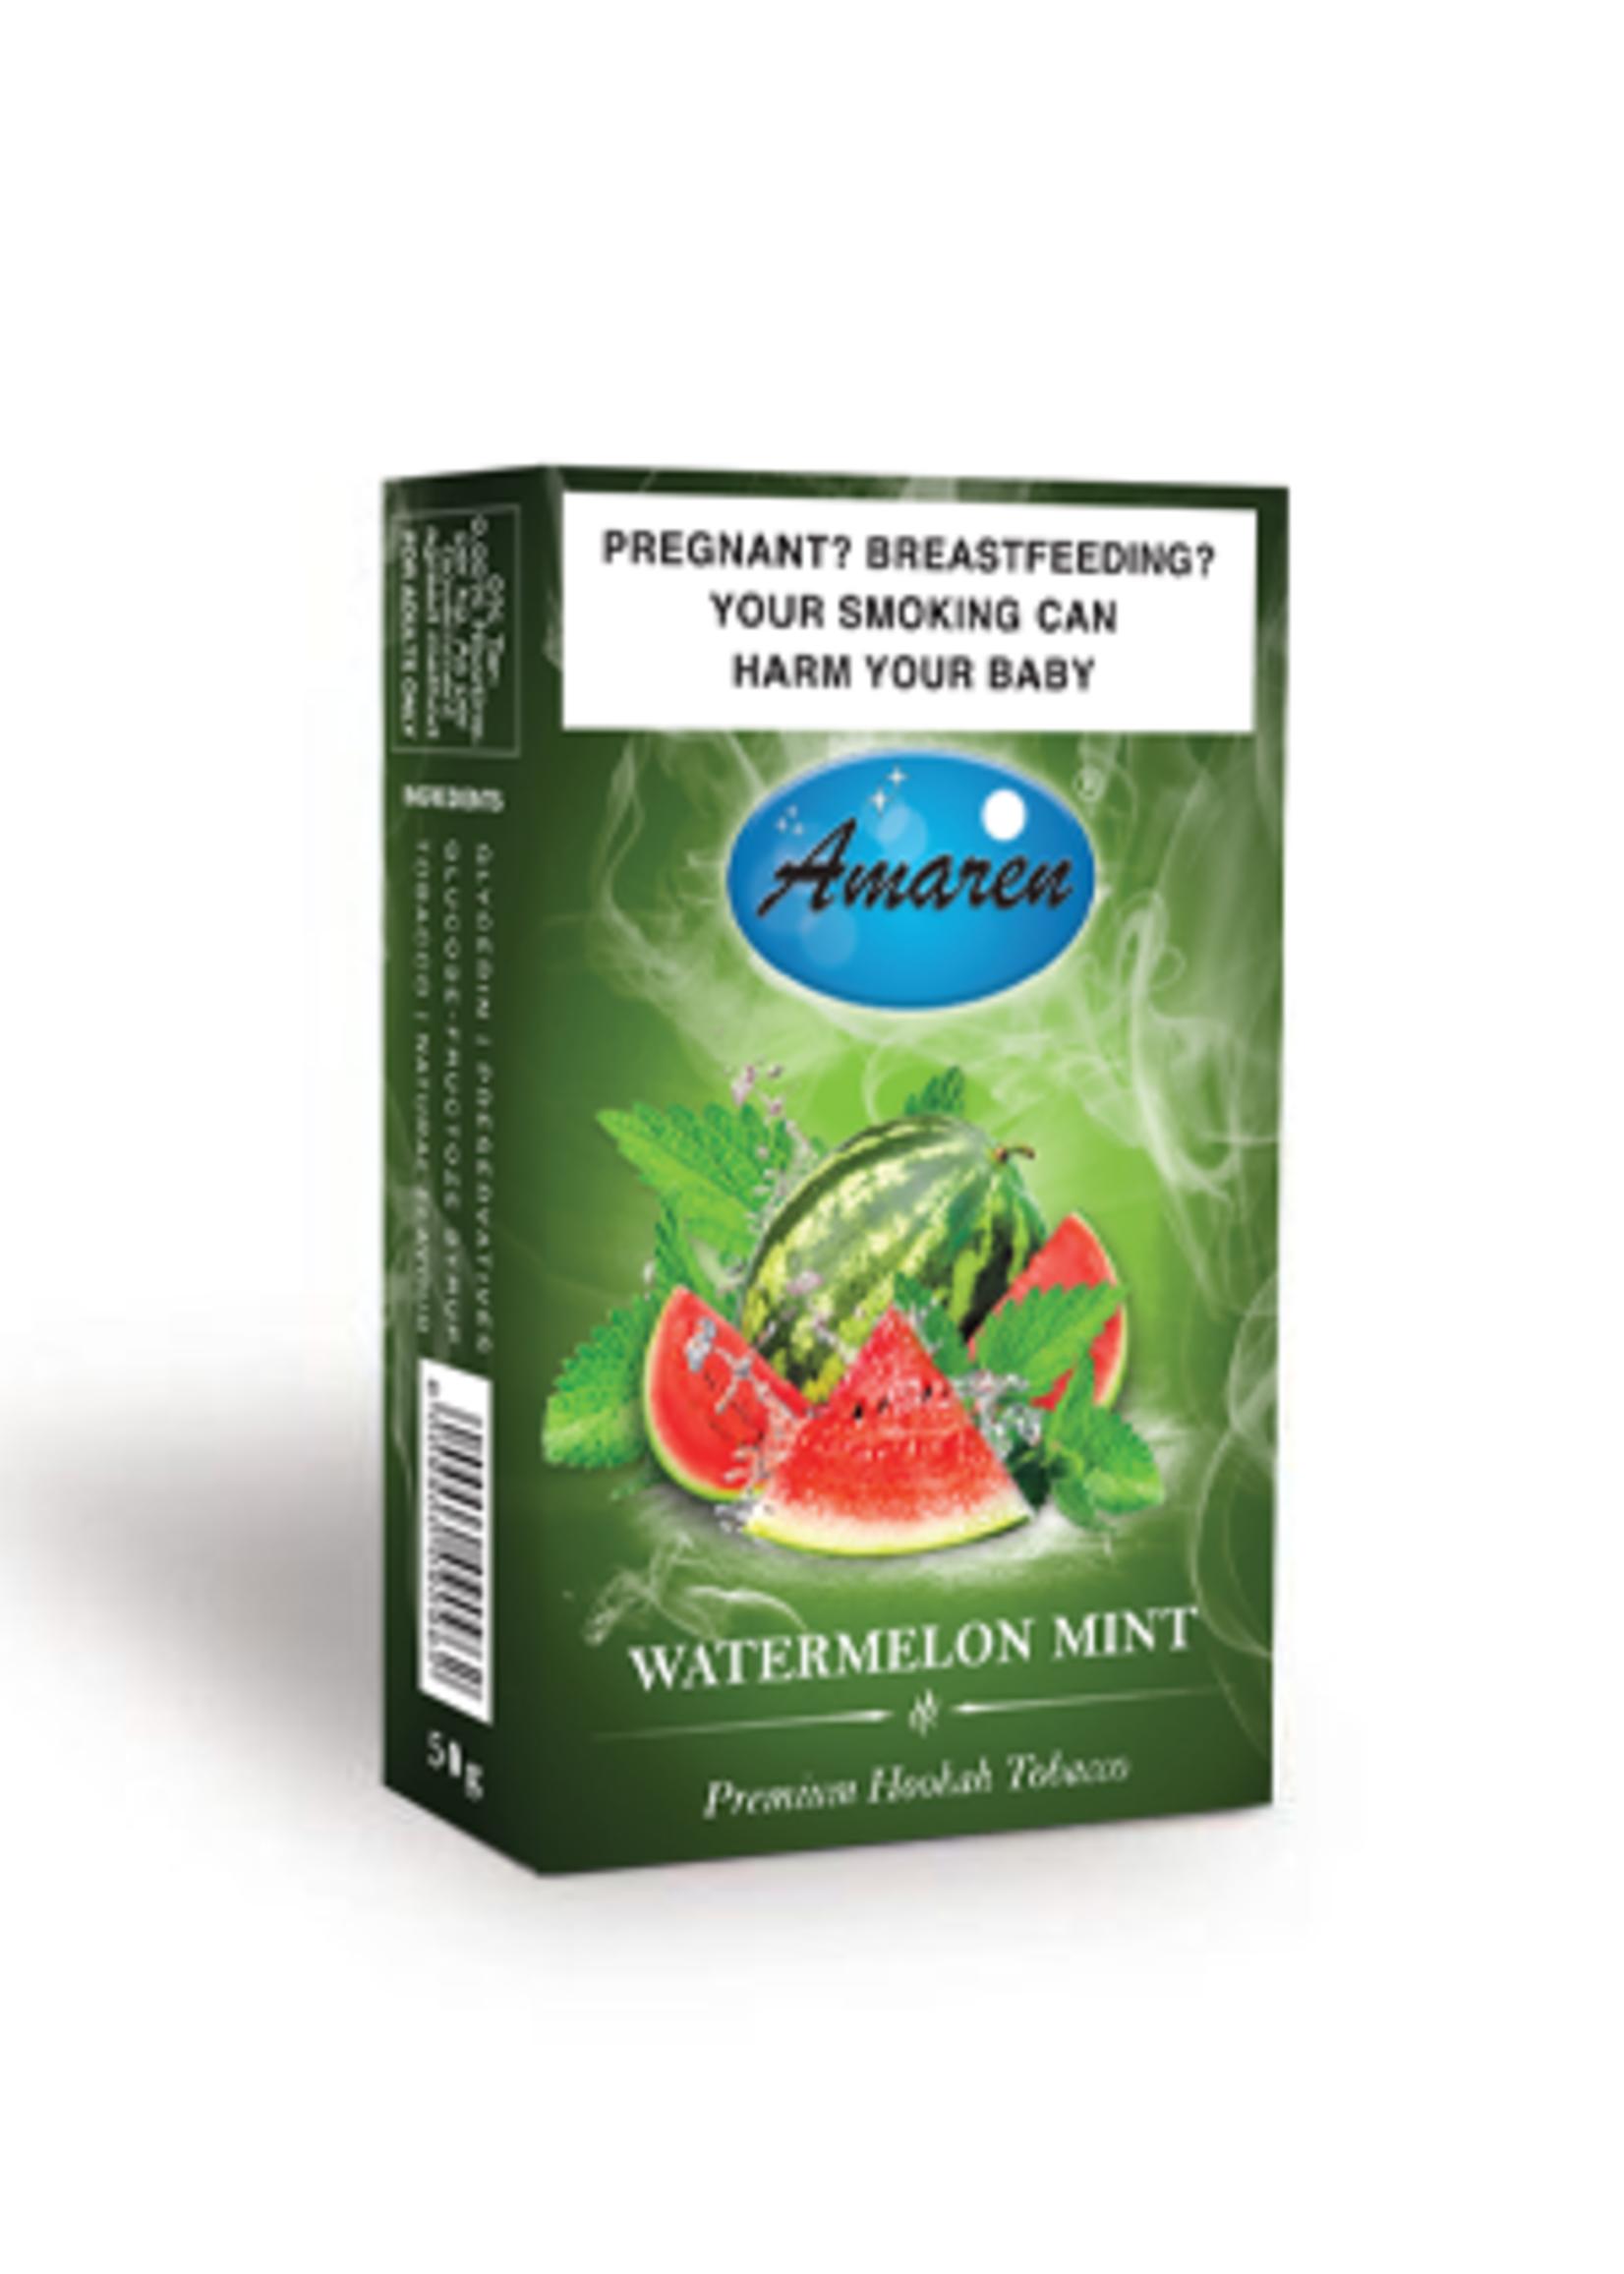 Amaren Hubbly Flavour - Watermelon Mint